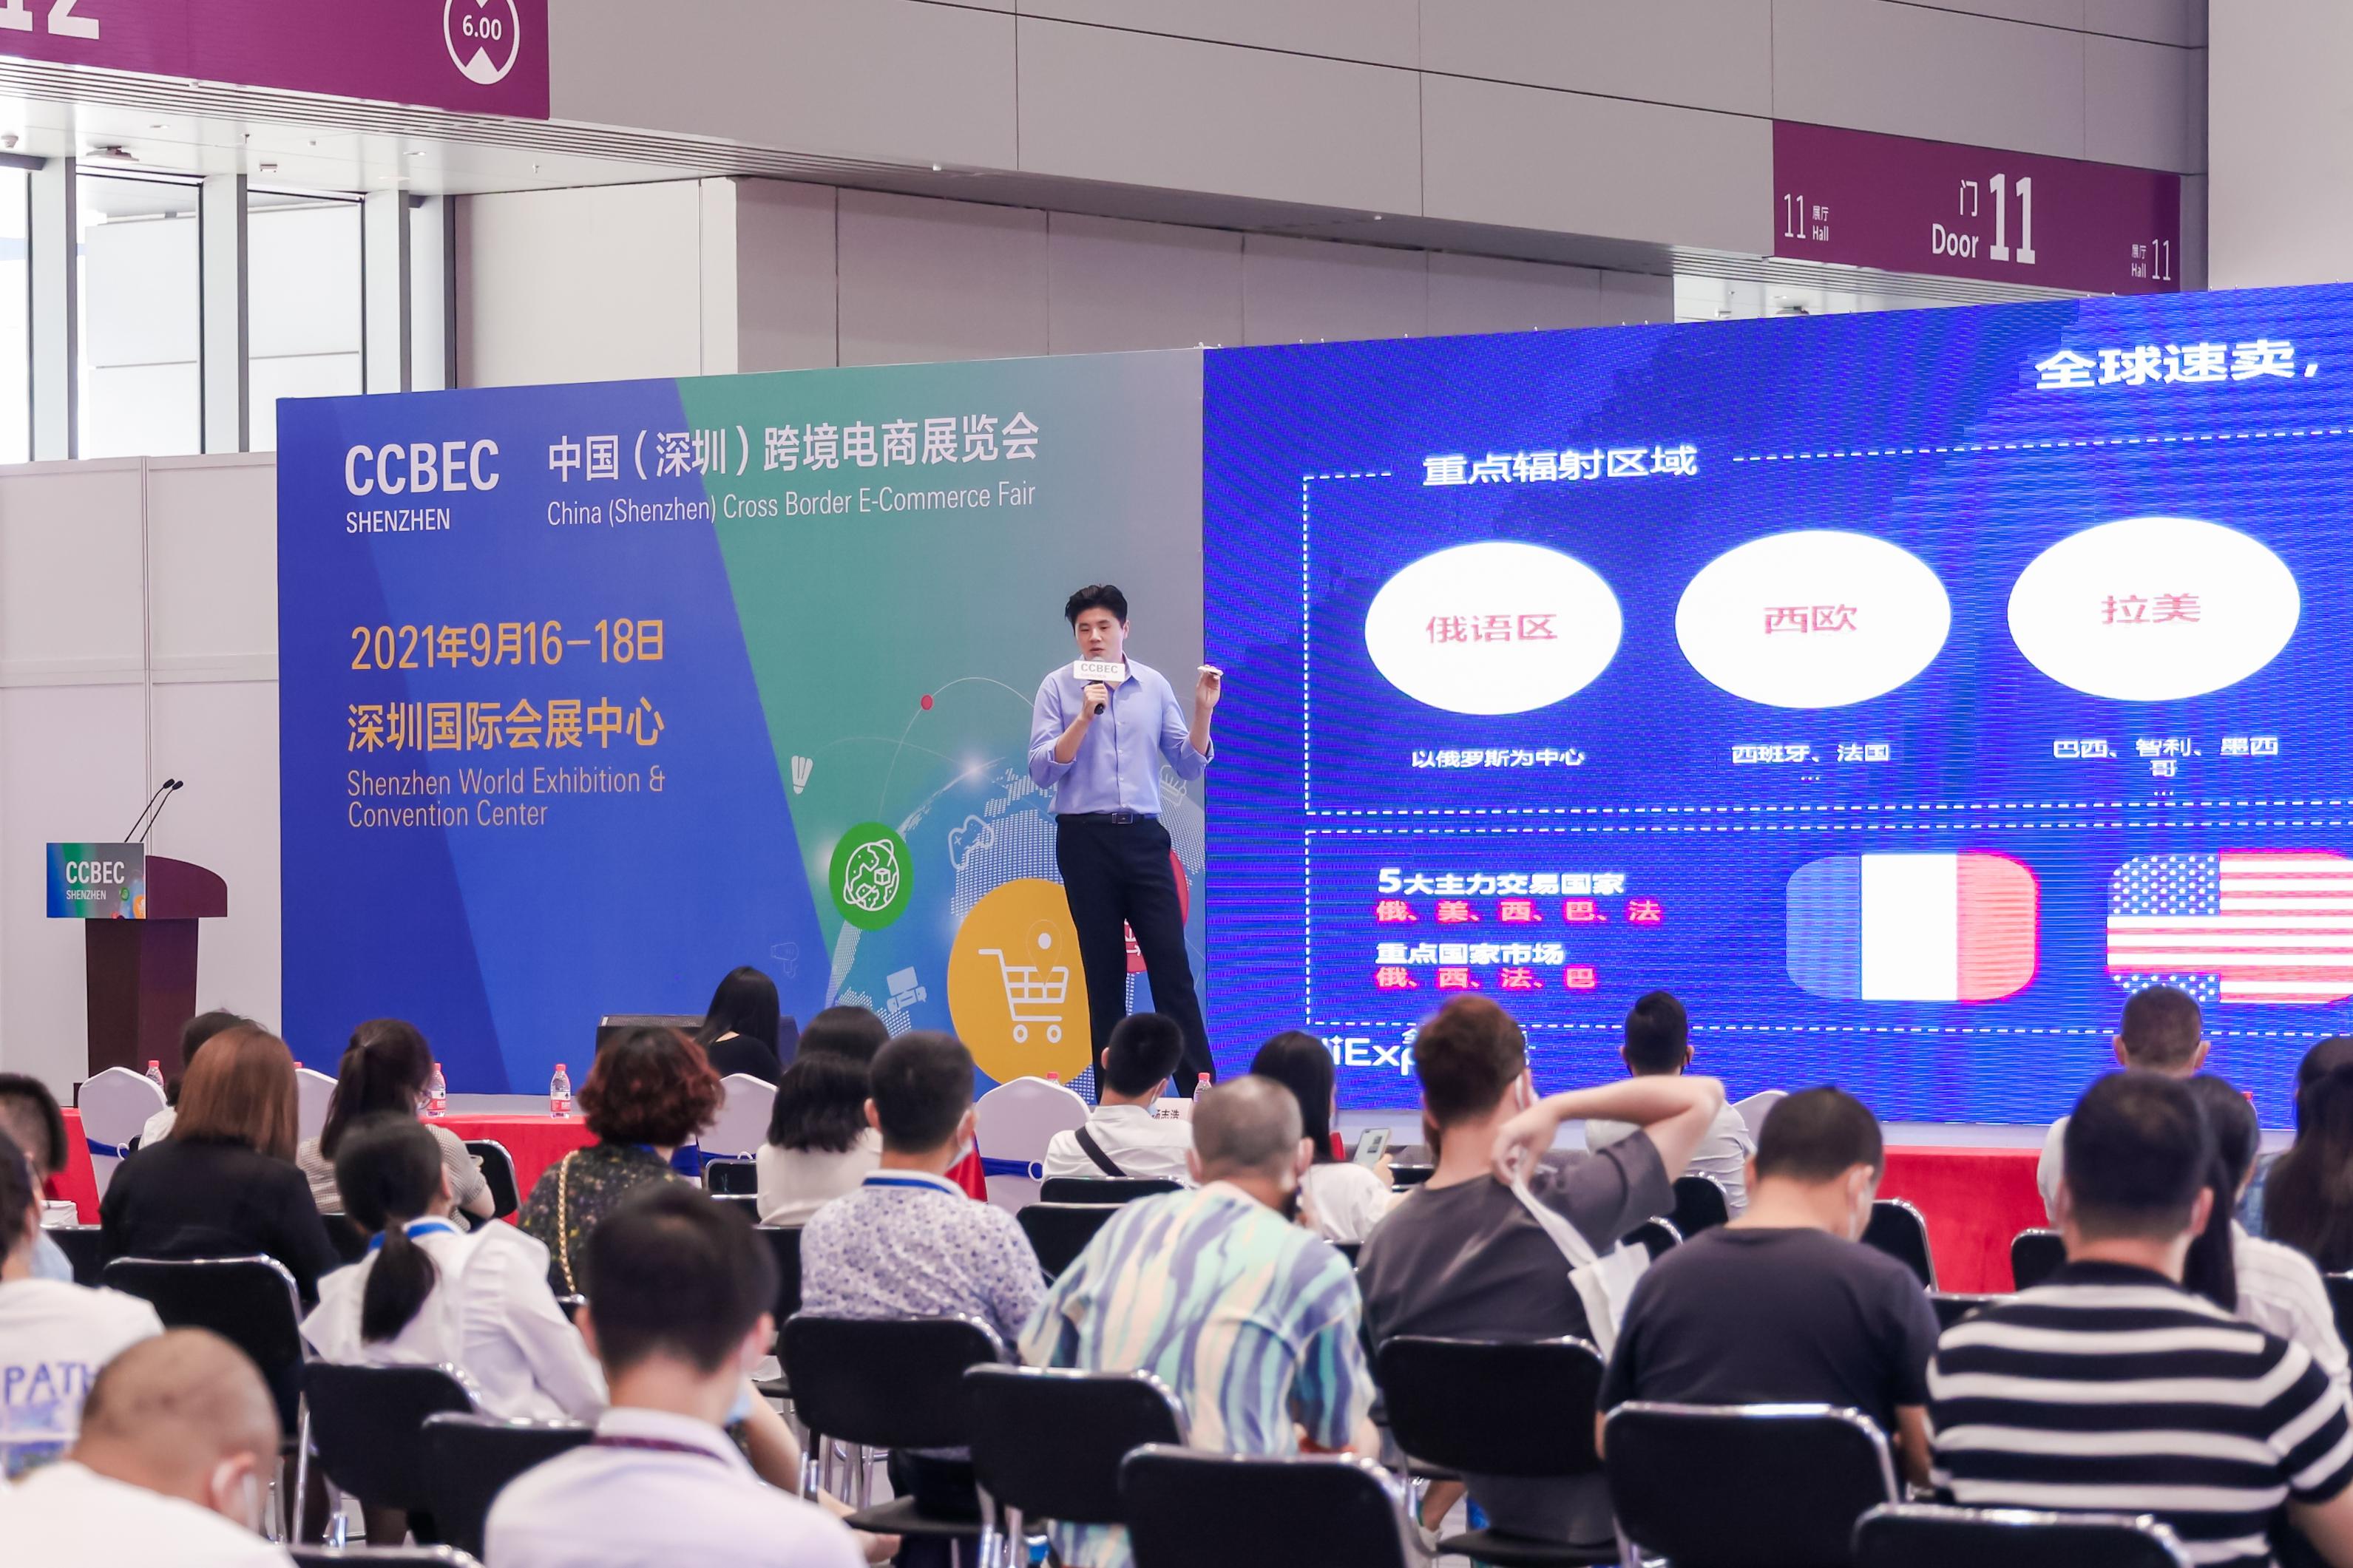 跨境电商展览会顺利闭幕 出席人士收获满满 2021中国(深圳)